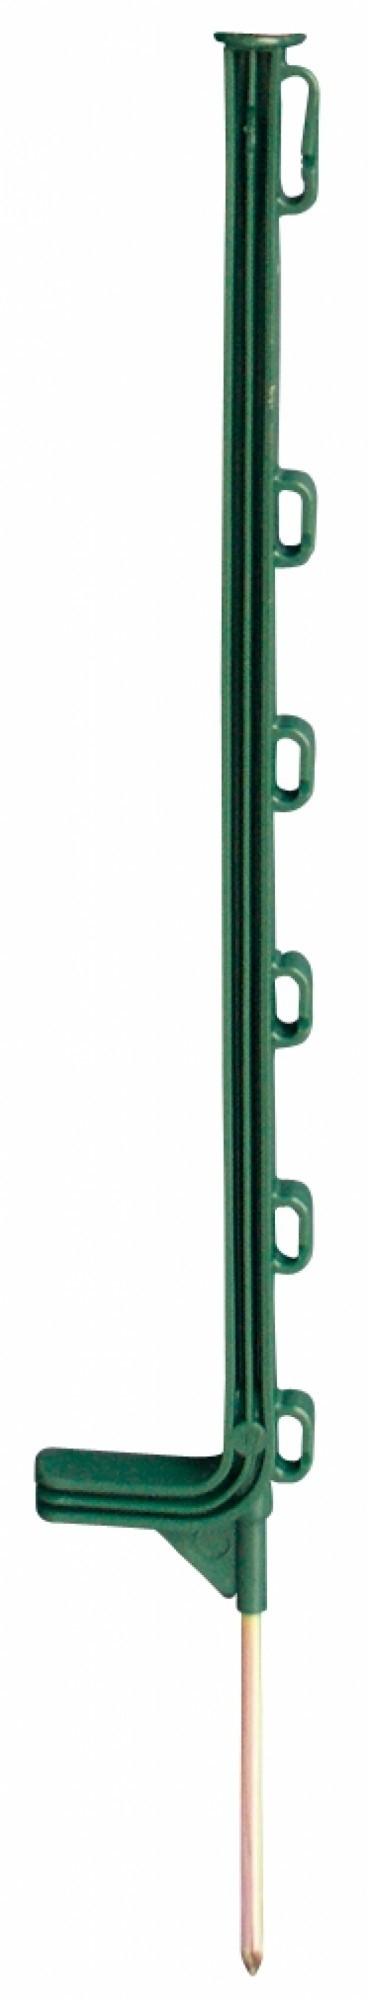 Horizont kunststof paal Extra groen 6-ogen 75cm